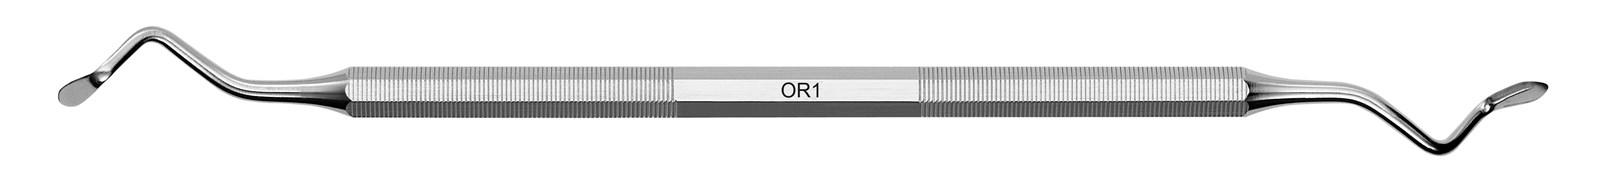 Oboustranný parodontální nůž Orban - OR1, ADEP růžový